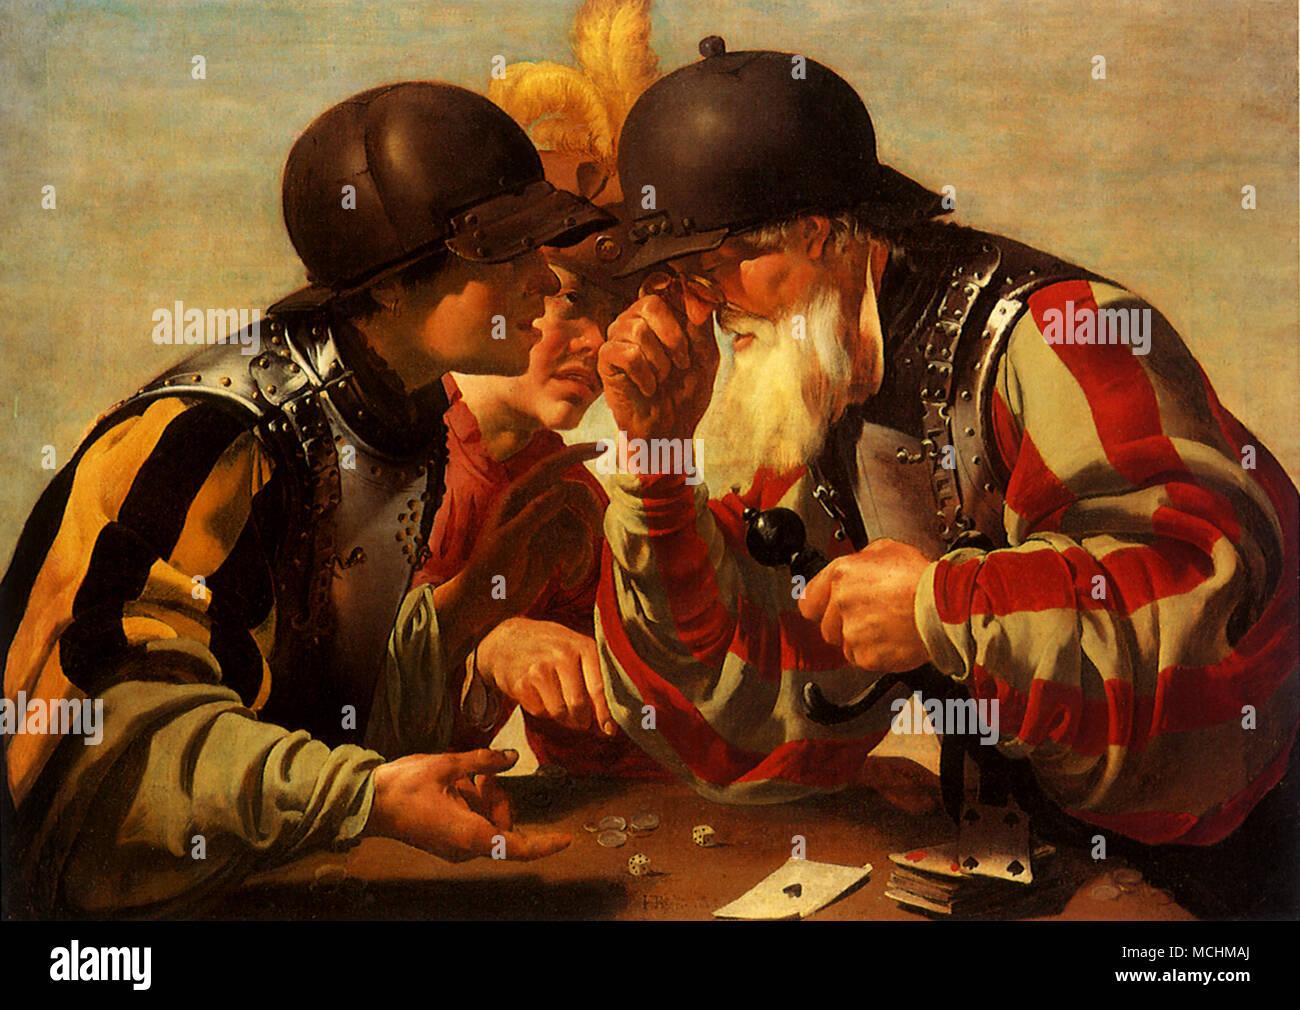 Gamblers - Stock Image